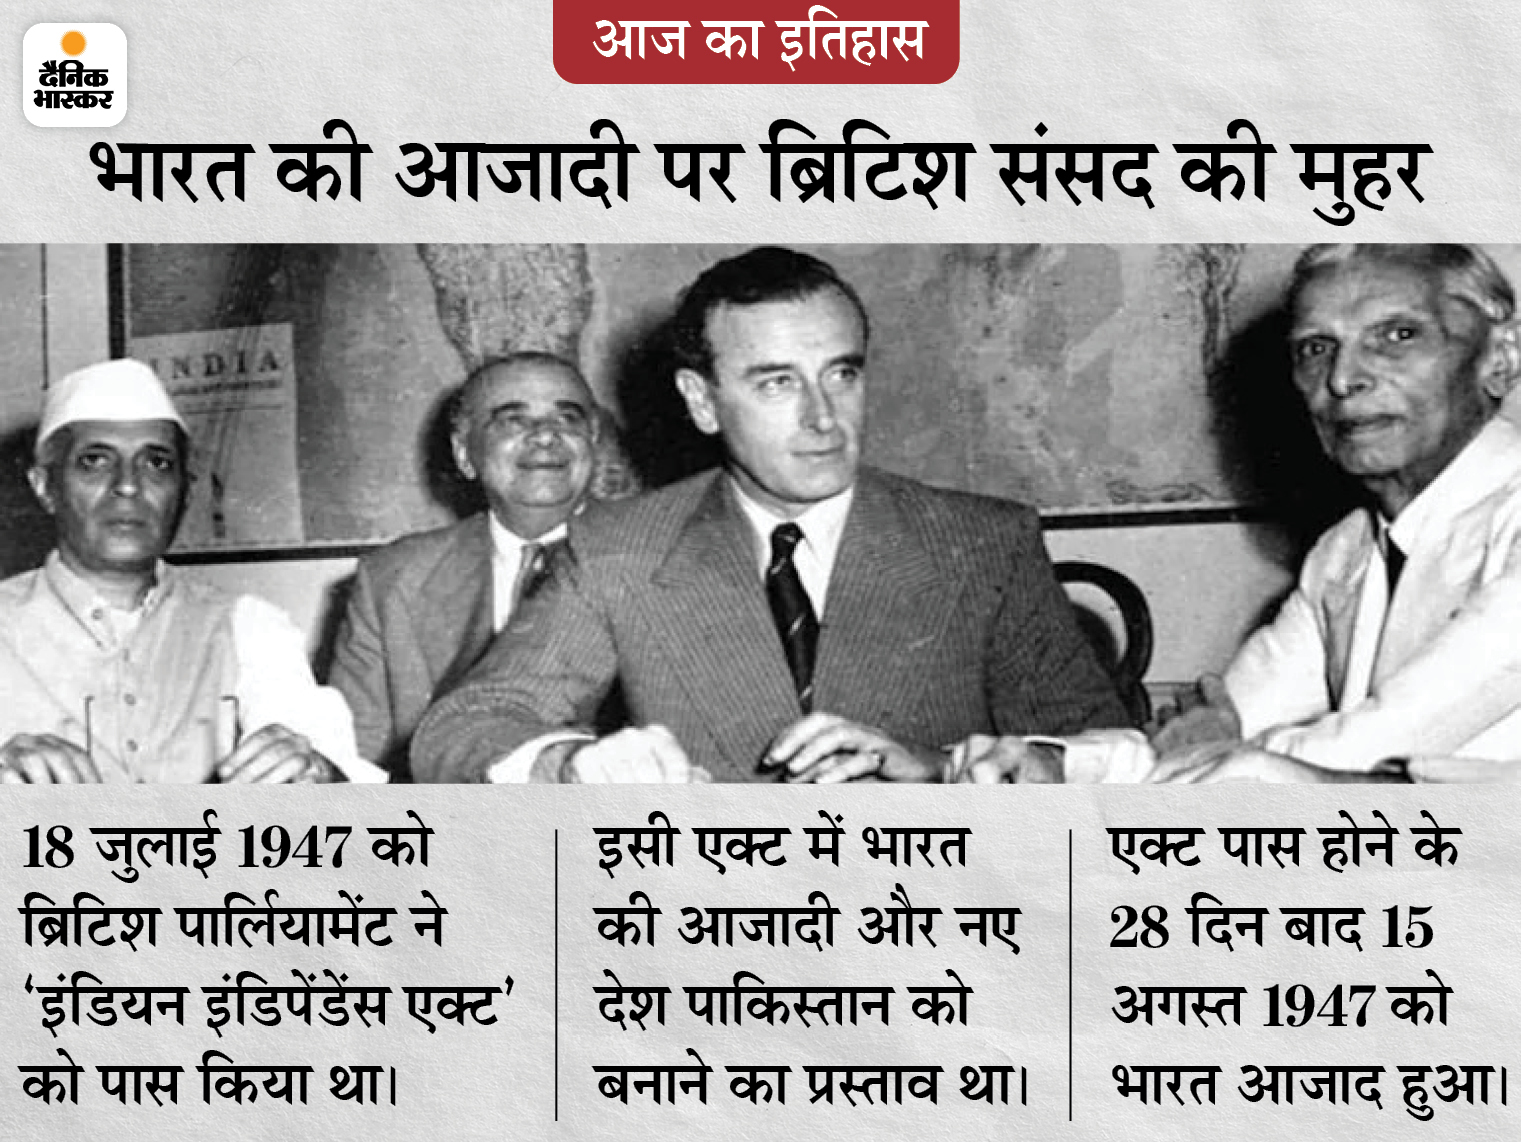 ब्रिटेन की संसद में पास हुआ भारत की आजादी का एक्ट, इसके 28 दिन बाद 200 साल की गुलामी से मिली देश को मुक्ति|देश,National - Dainik Bhaskar